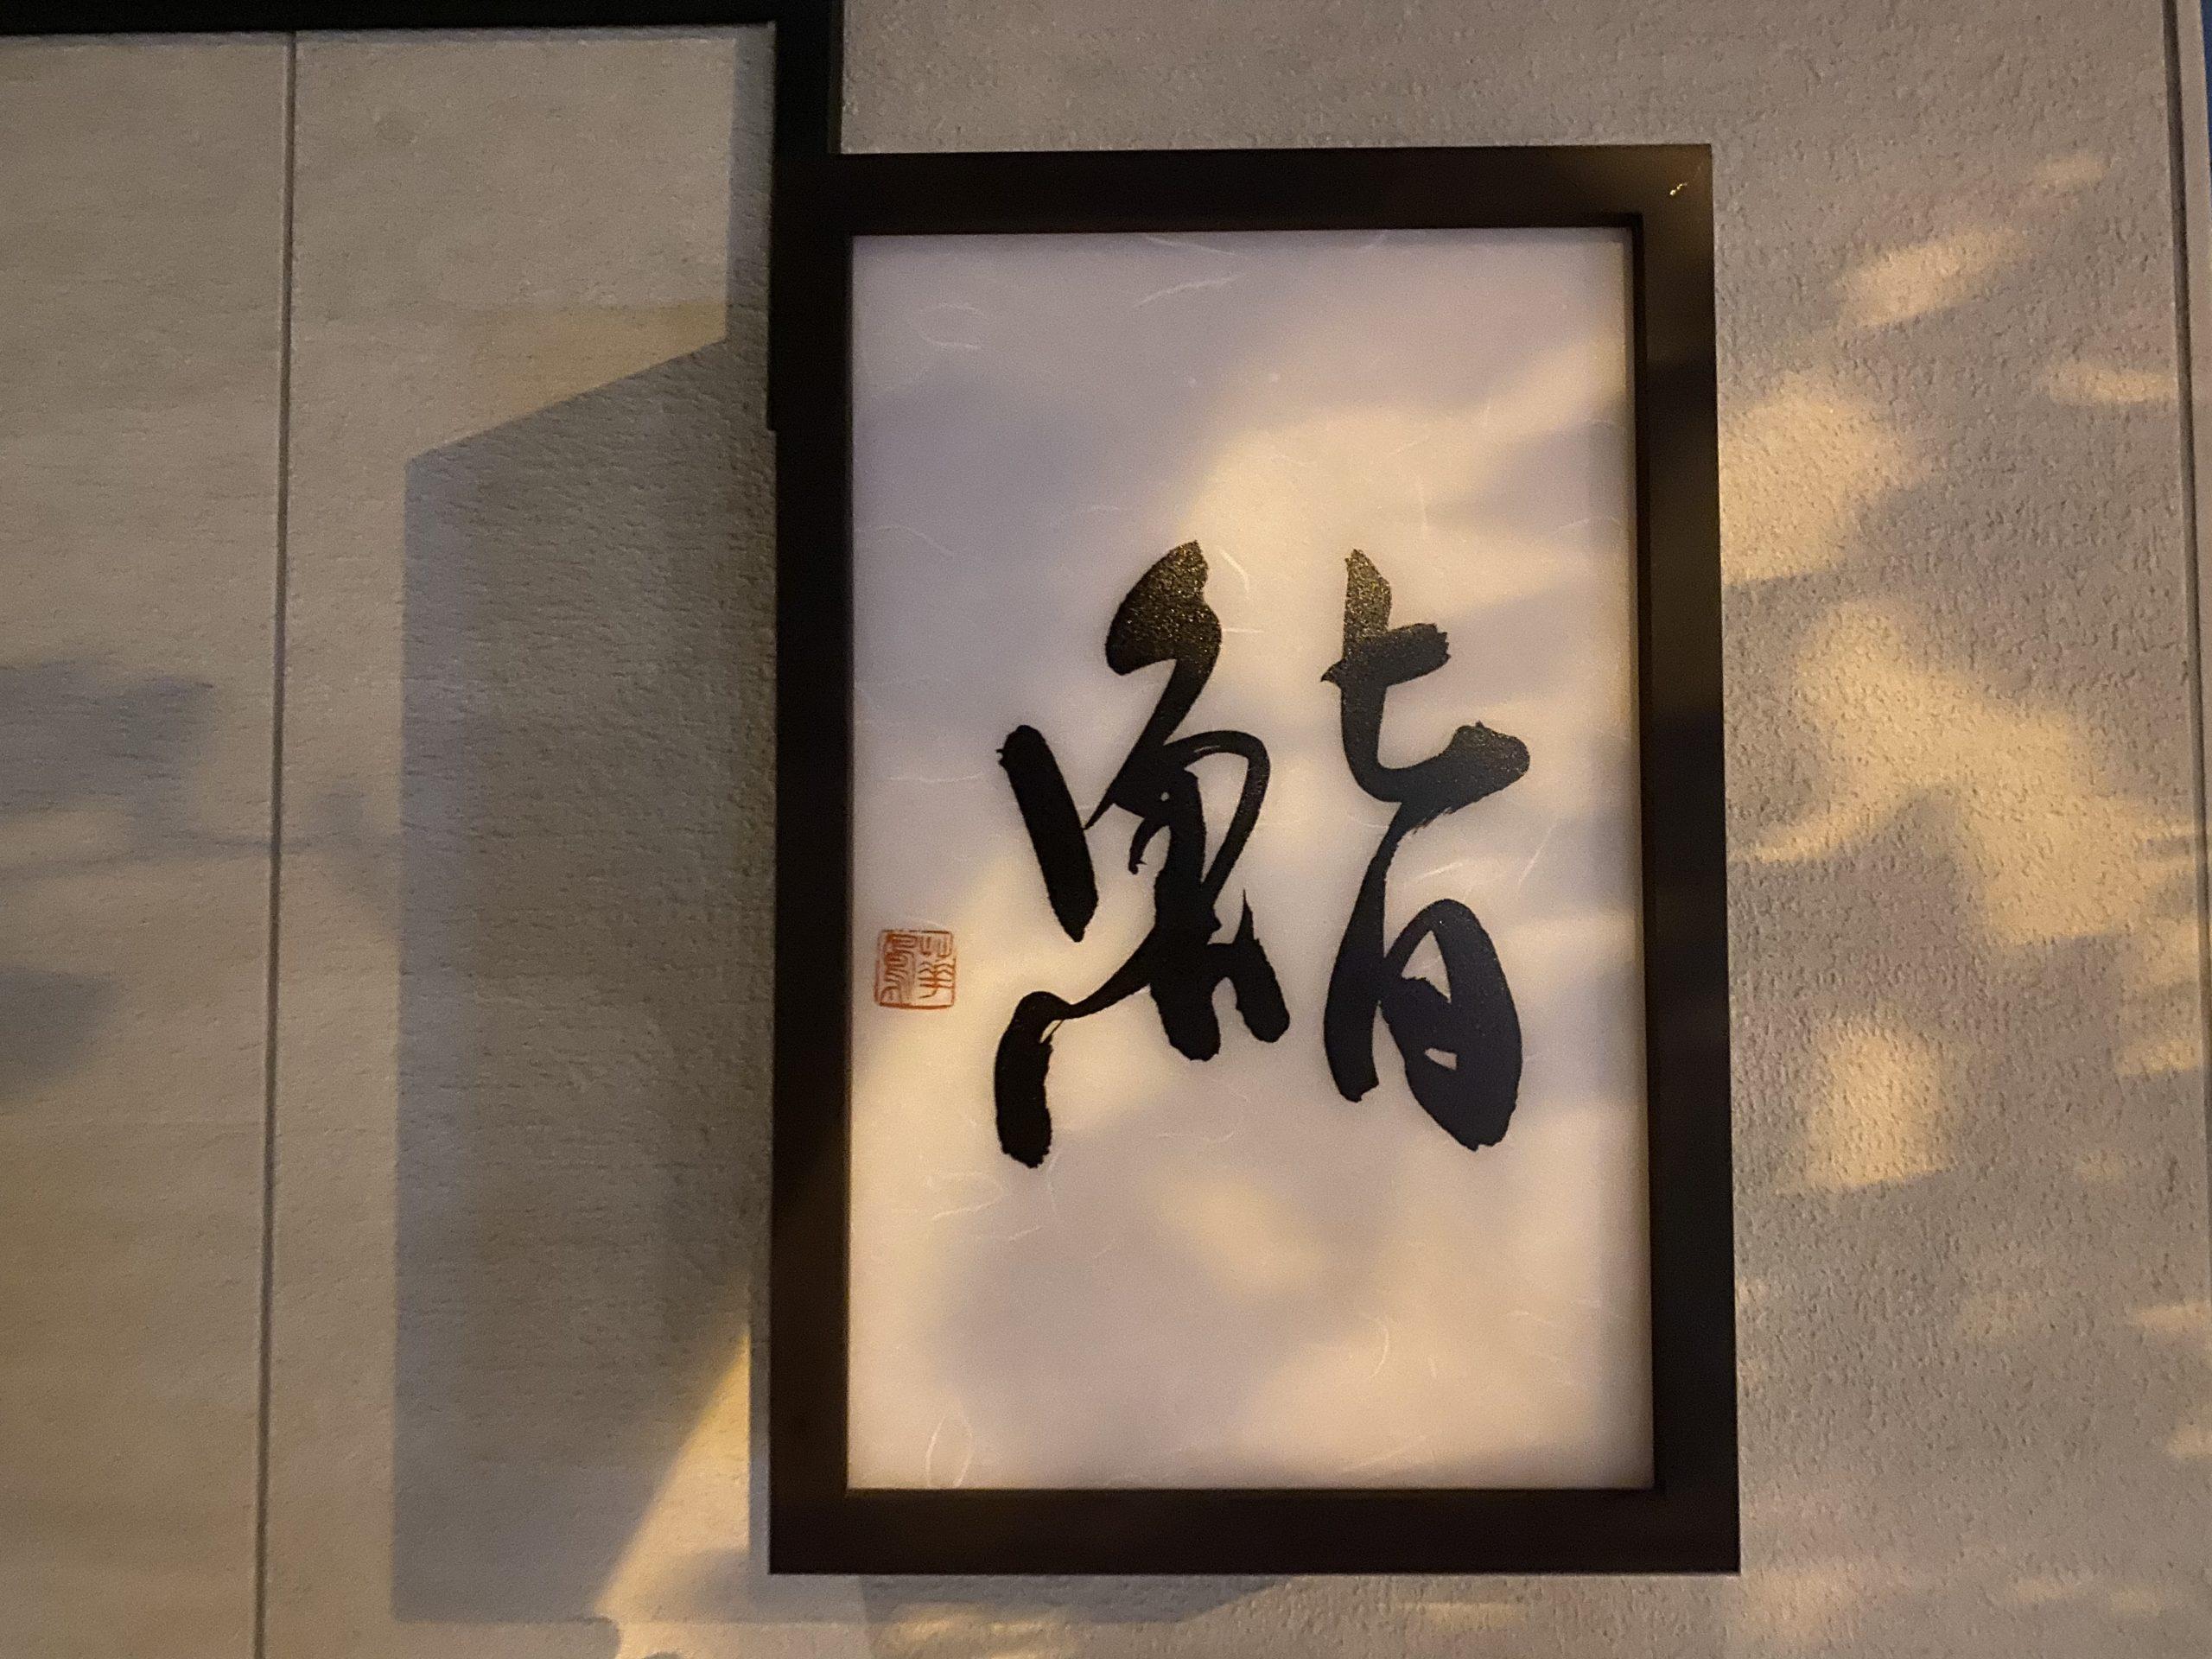 鮨 かね善『店舗ロゴ』揮毫 | 札幌市中央区円山の会員制書道教室「華」